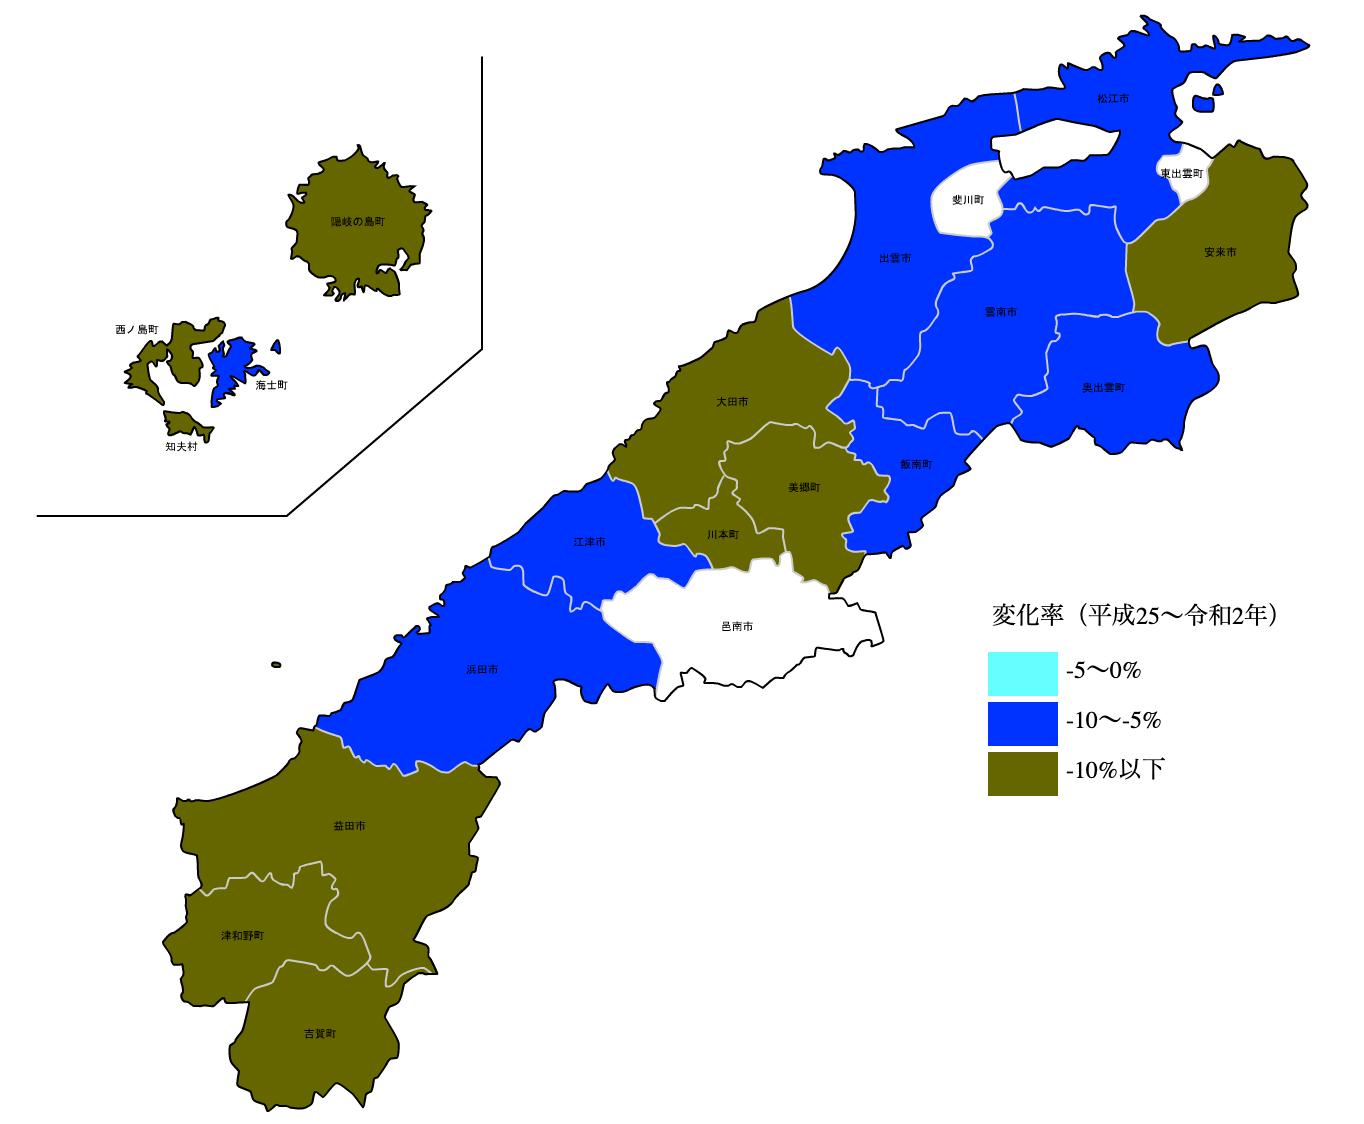 島根県の公示地価の変化率マップ